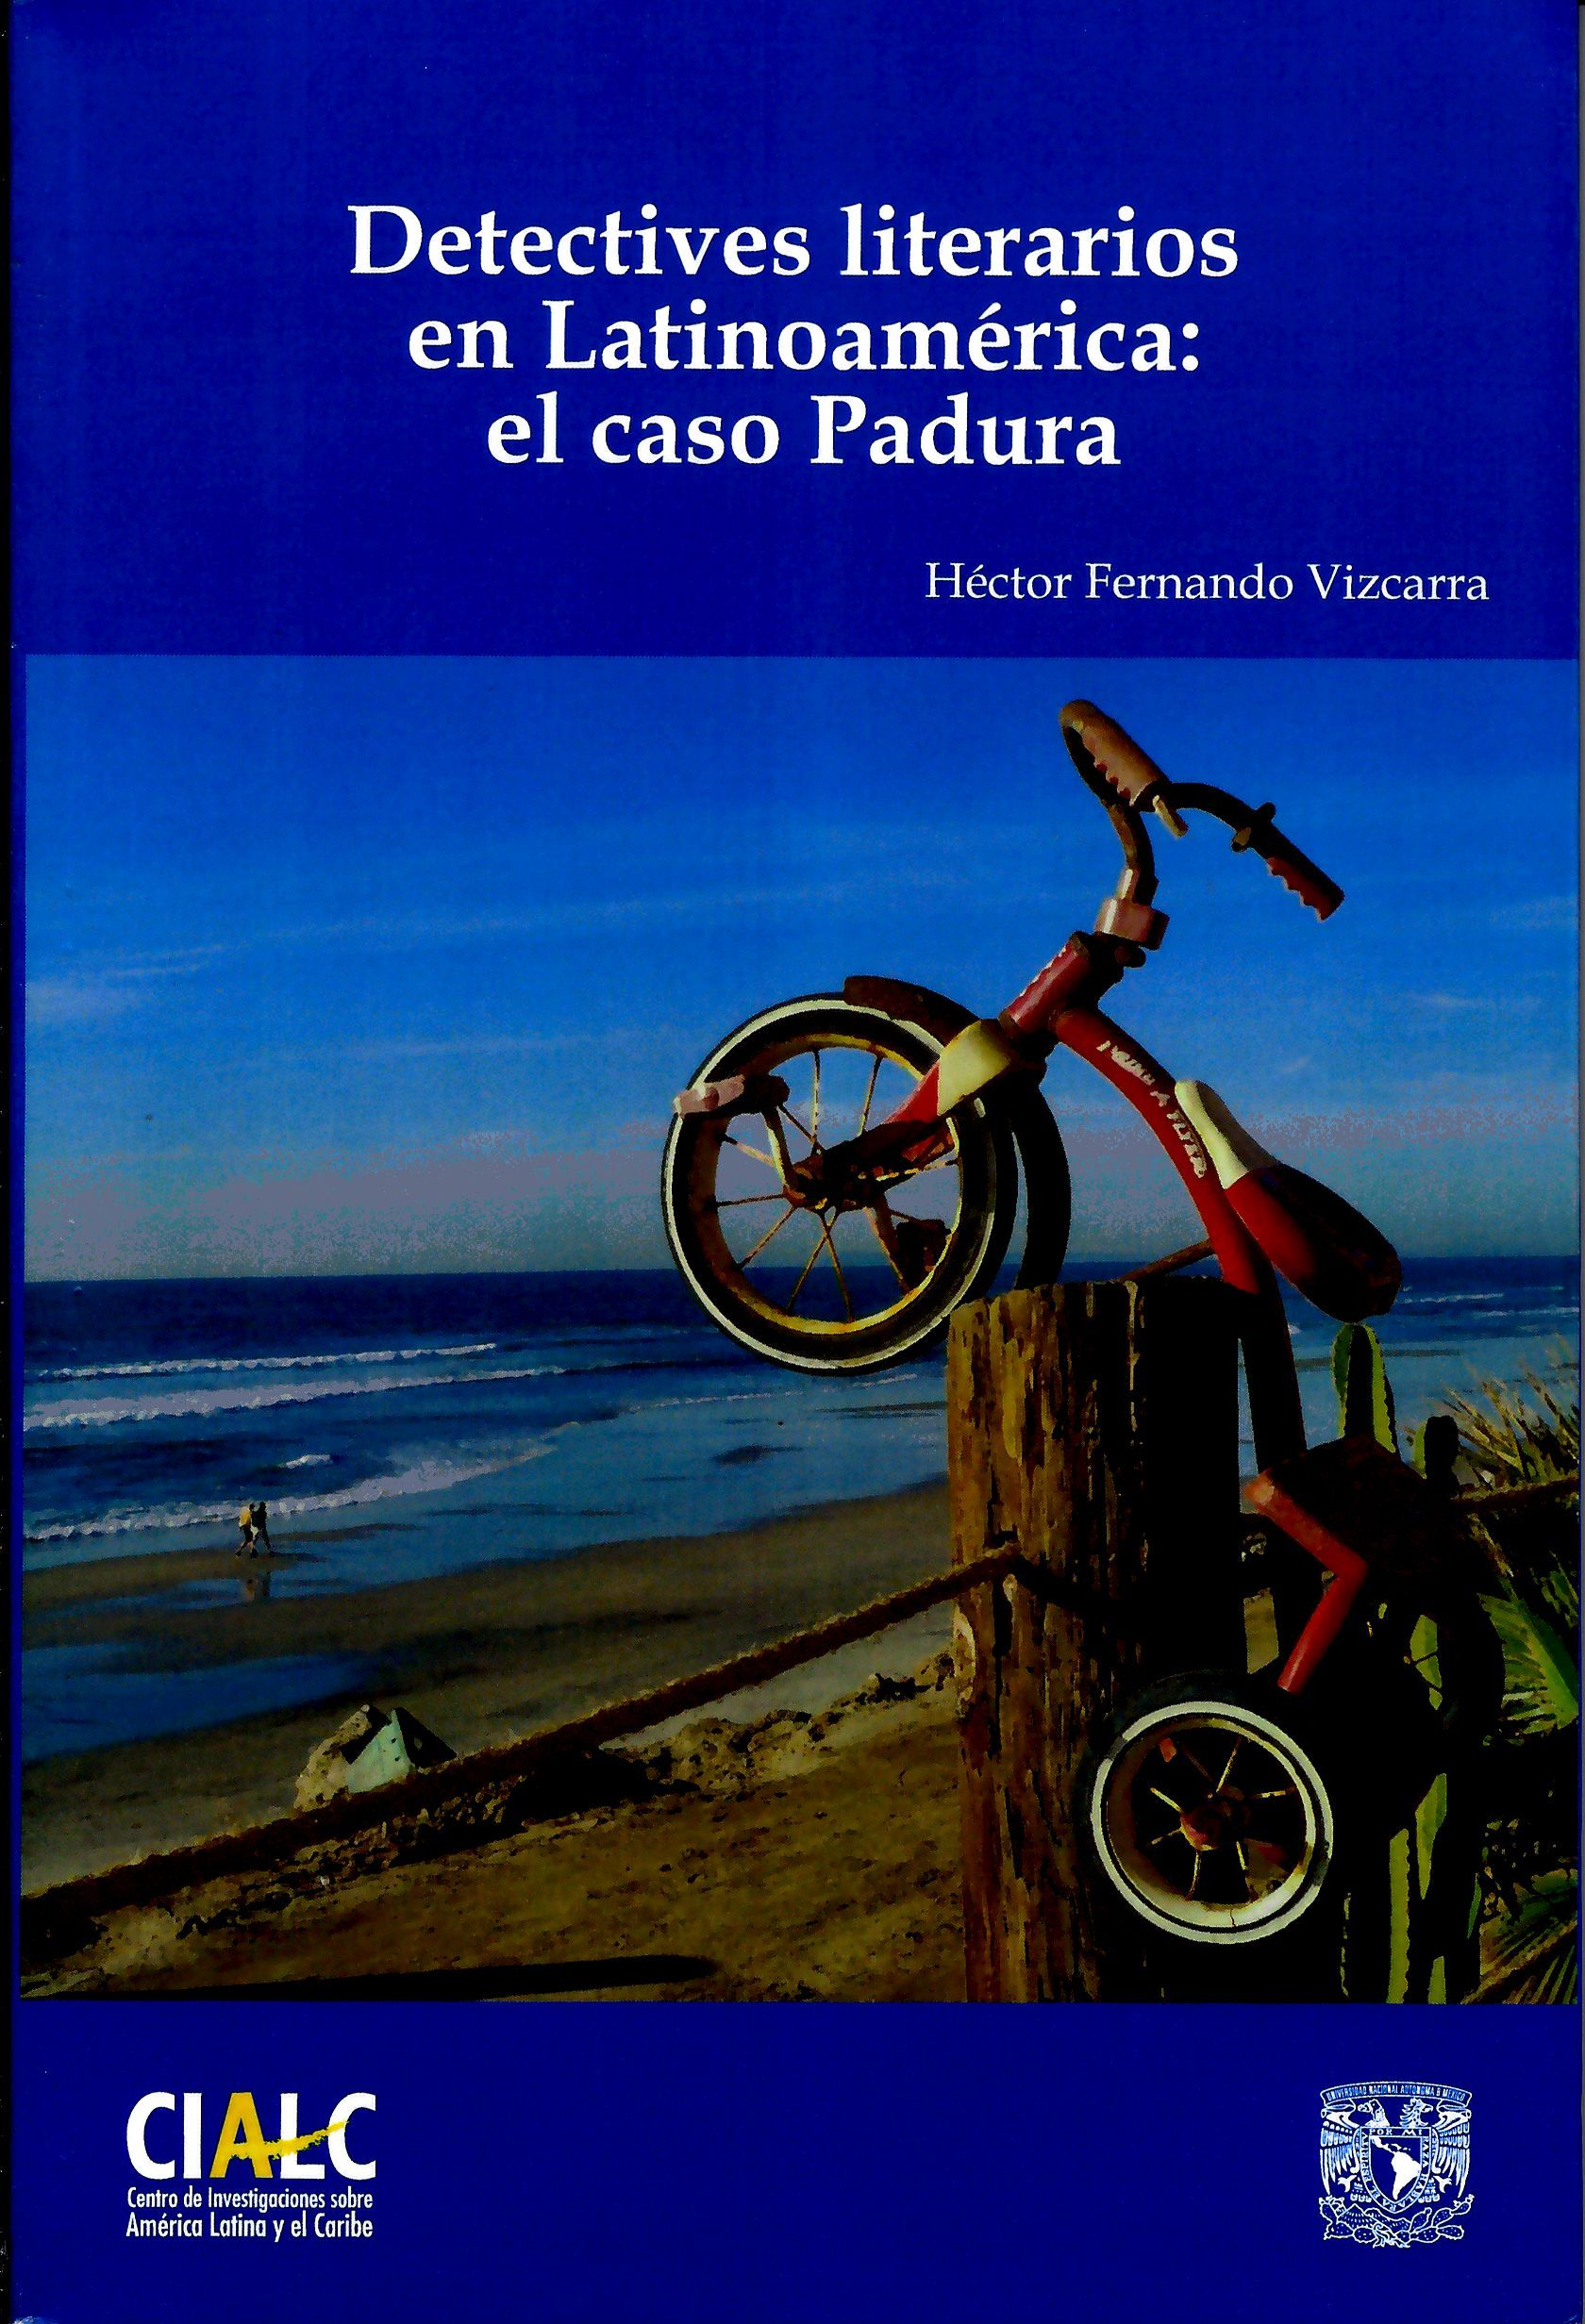 Detectives literarios en Latinoamérica: el caso Padura